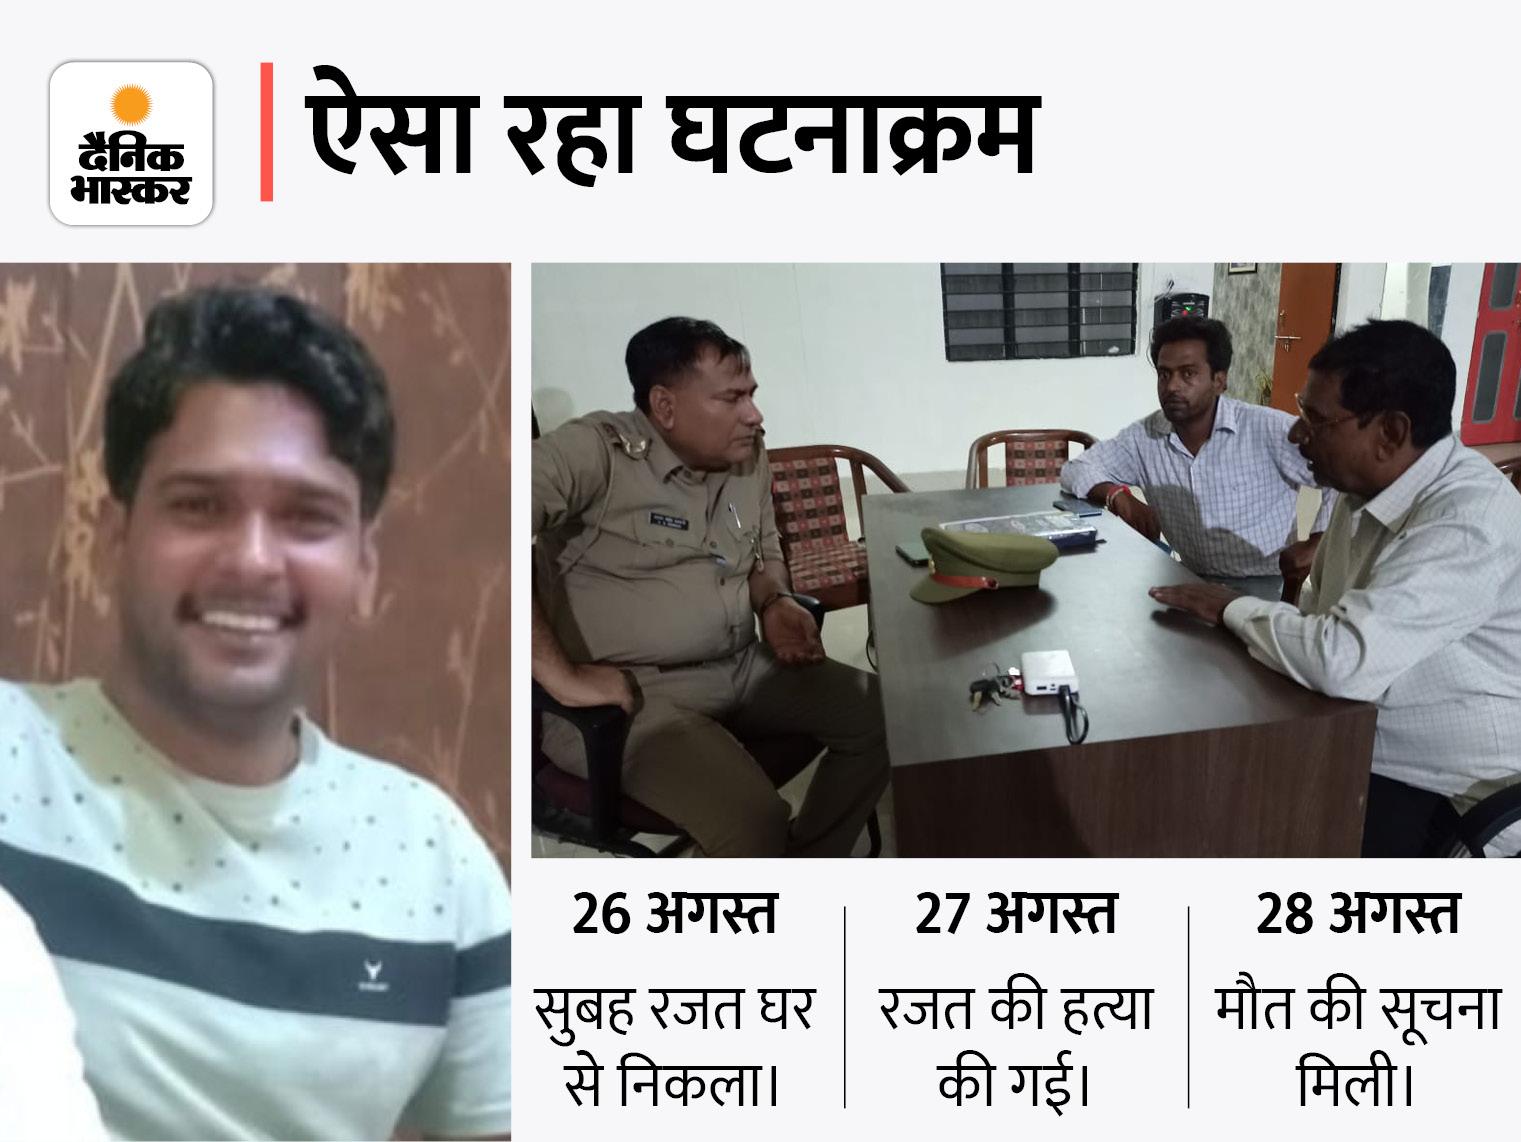 प्रापर्टी डीलर के भाई ने कहा- होटल मालिक के बेटे ने नशा मंगाया था, नहीं लाने पर पीट-पीटकर मार डाला; पुलिस ने हत्या छिपाने की कोशिश की|लखनऊ,Lucknow - Dainik Bhaskar